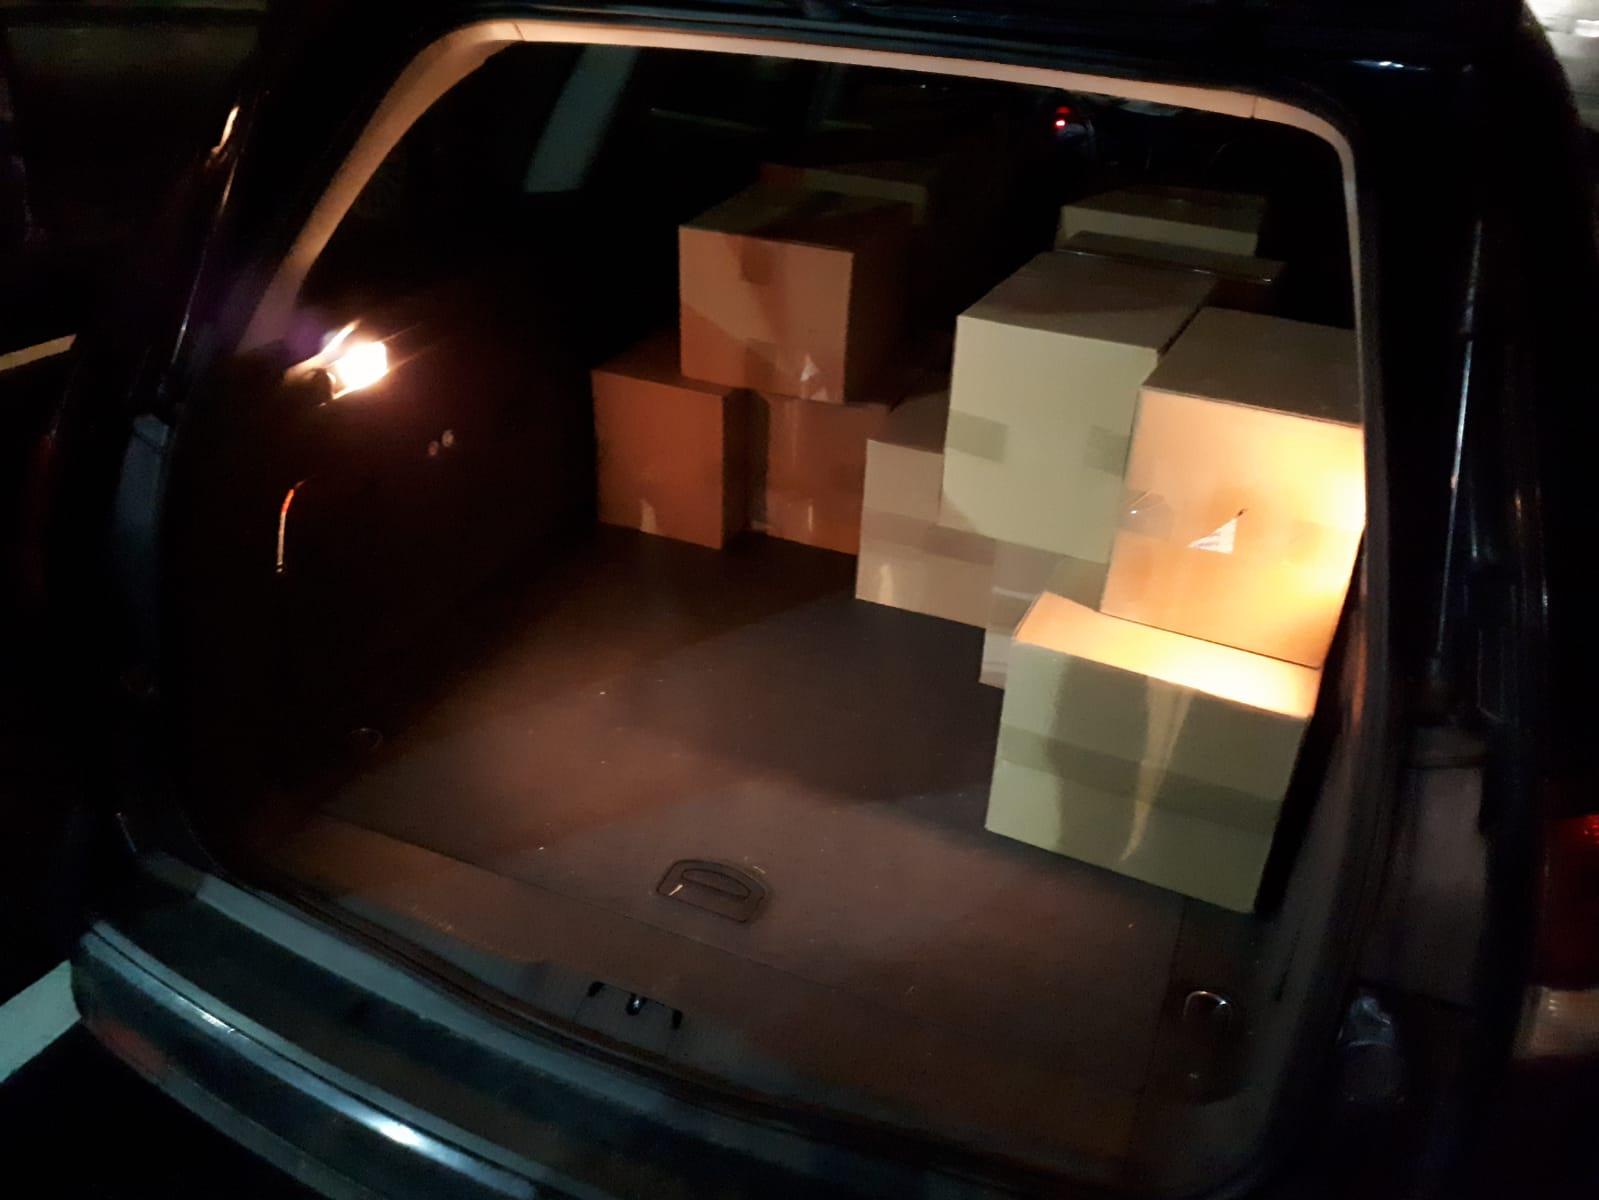 Zabezpieczone w samochodzie kartony z lekarstwami zawierającymi pseudoefedrynę / fot. NOSG